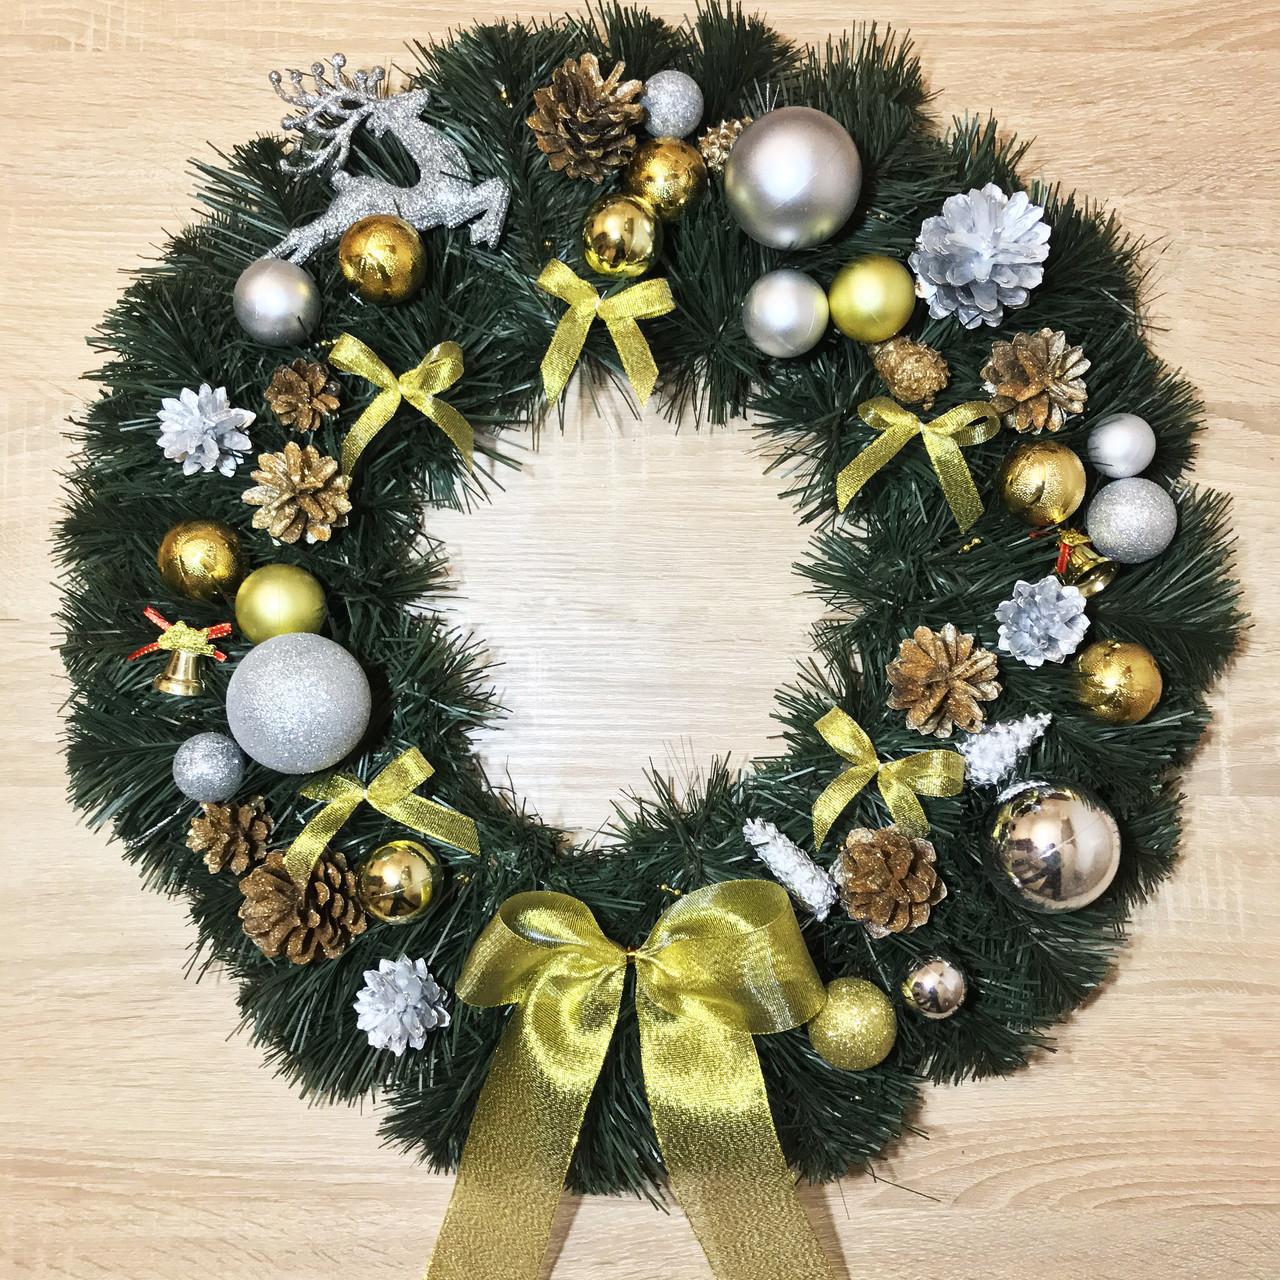 Рождественский венок диаметр 55 см Символический. Серебряно-золотой.